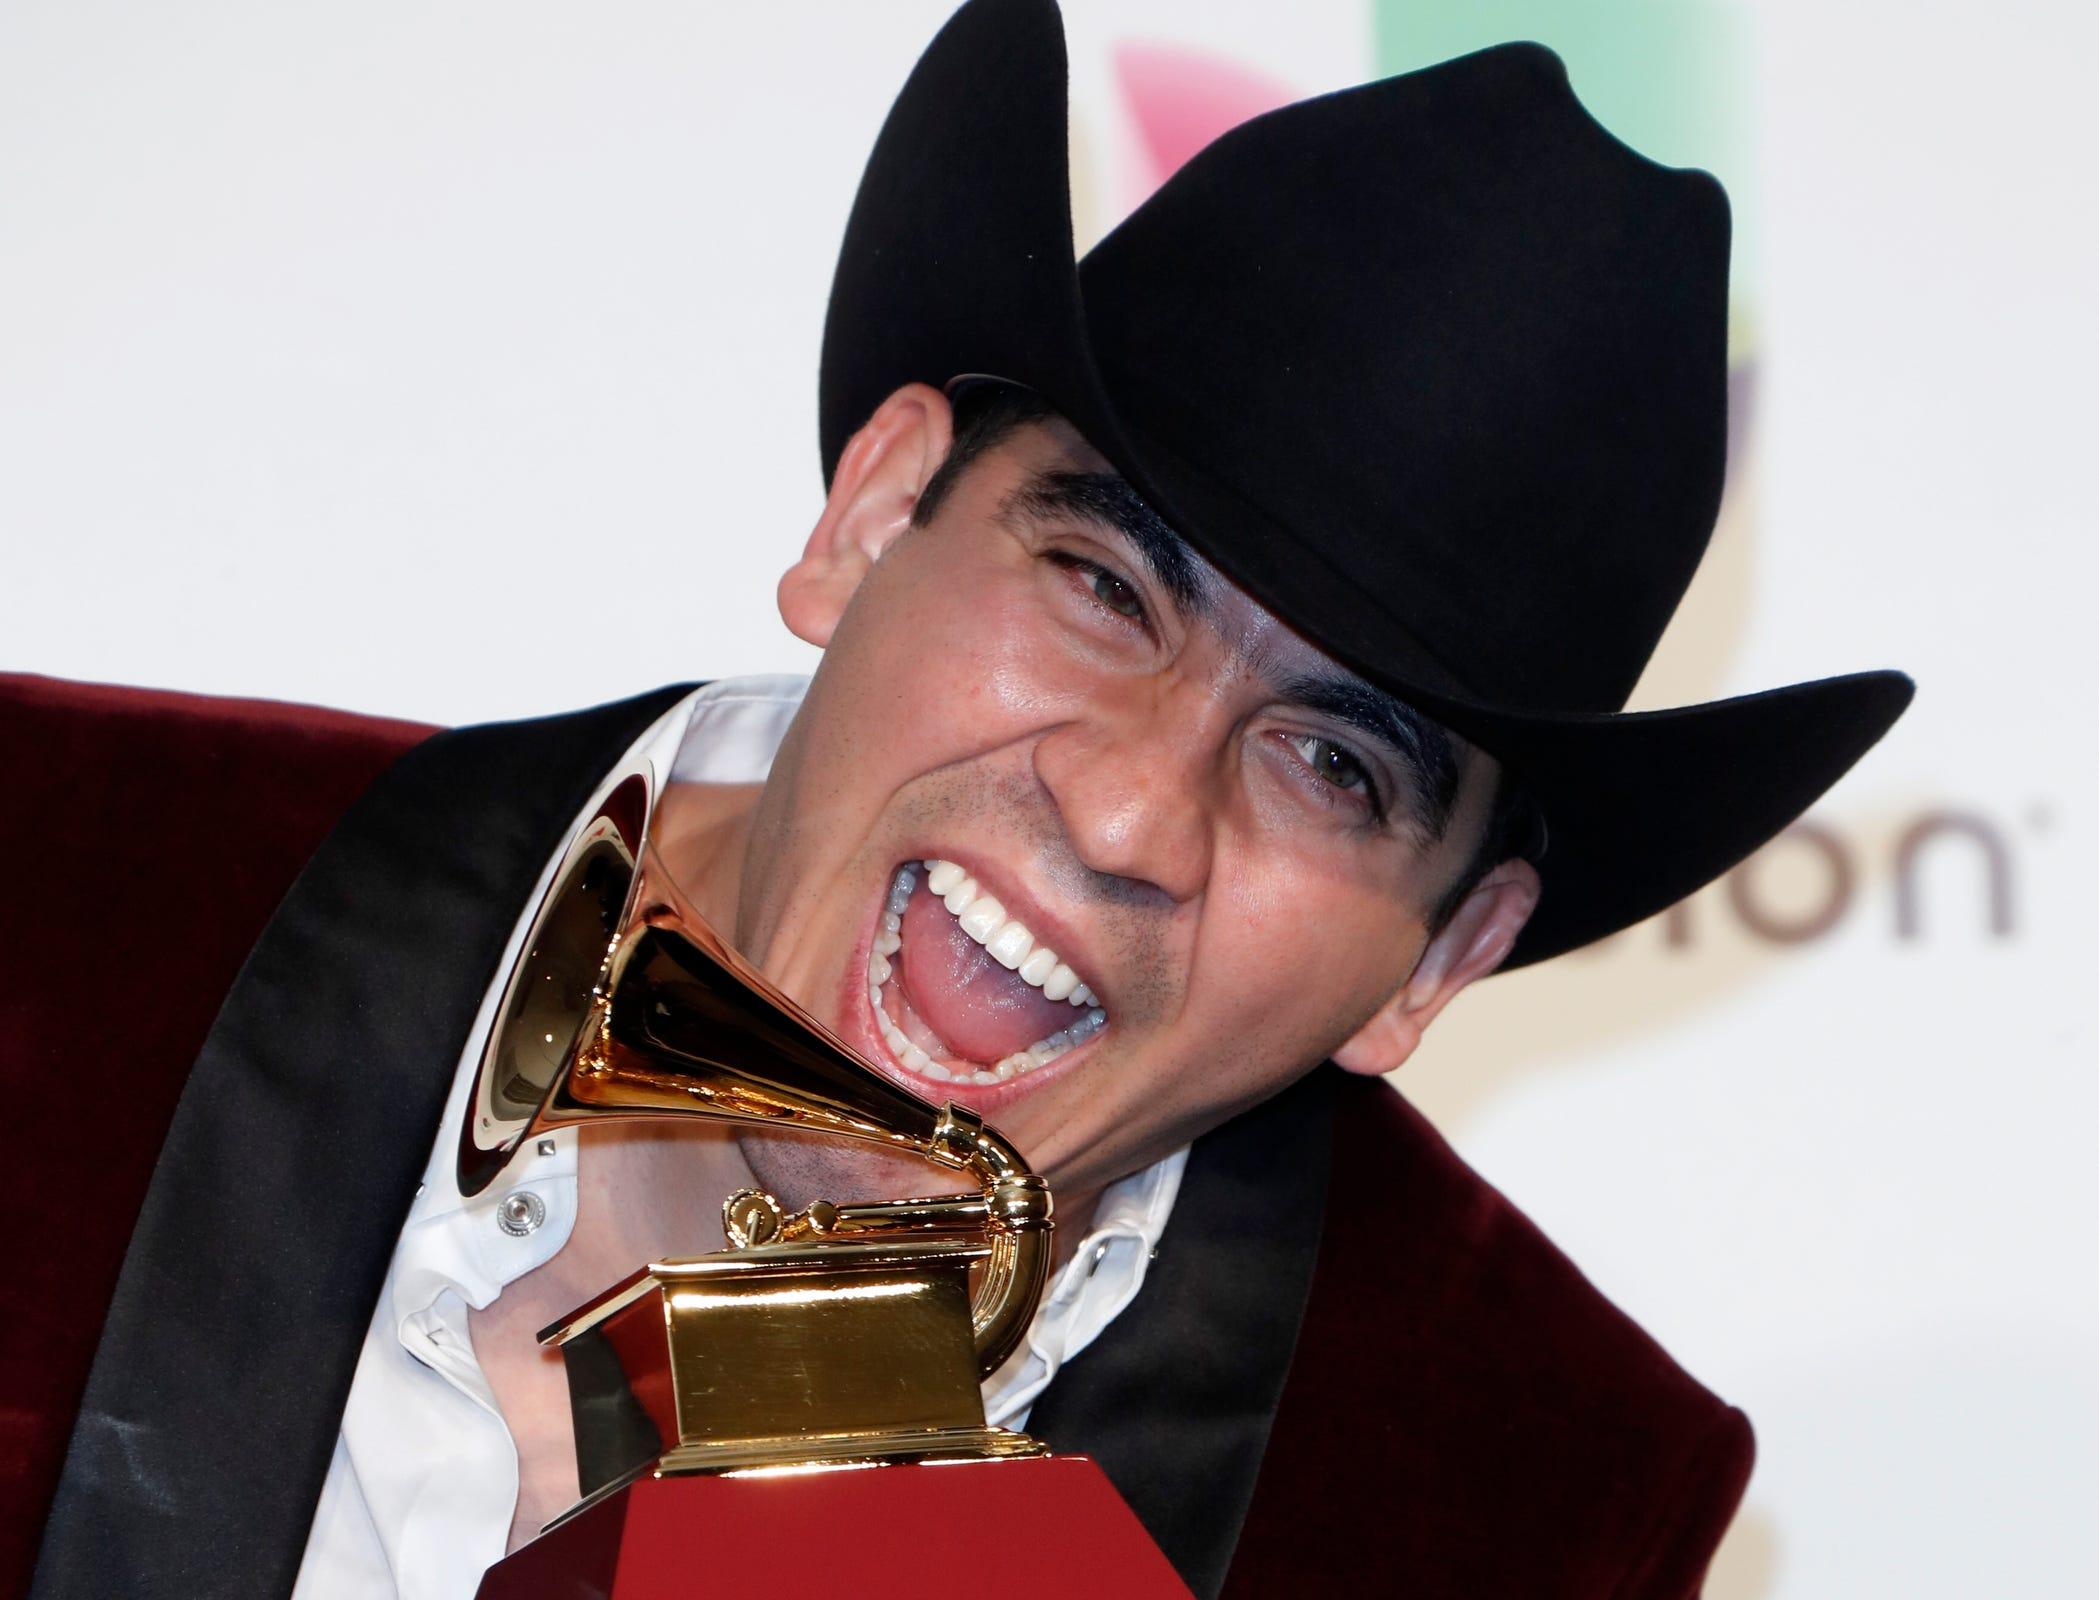 Armando Ramos of Calibre 50 with the award for Best Norteno Album.